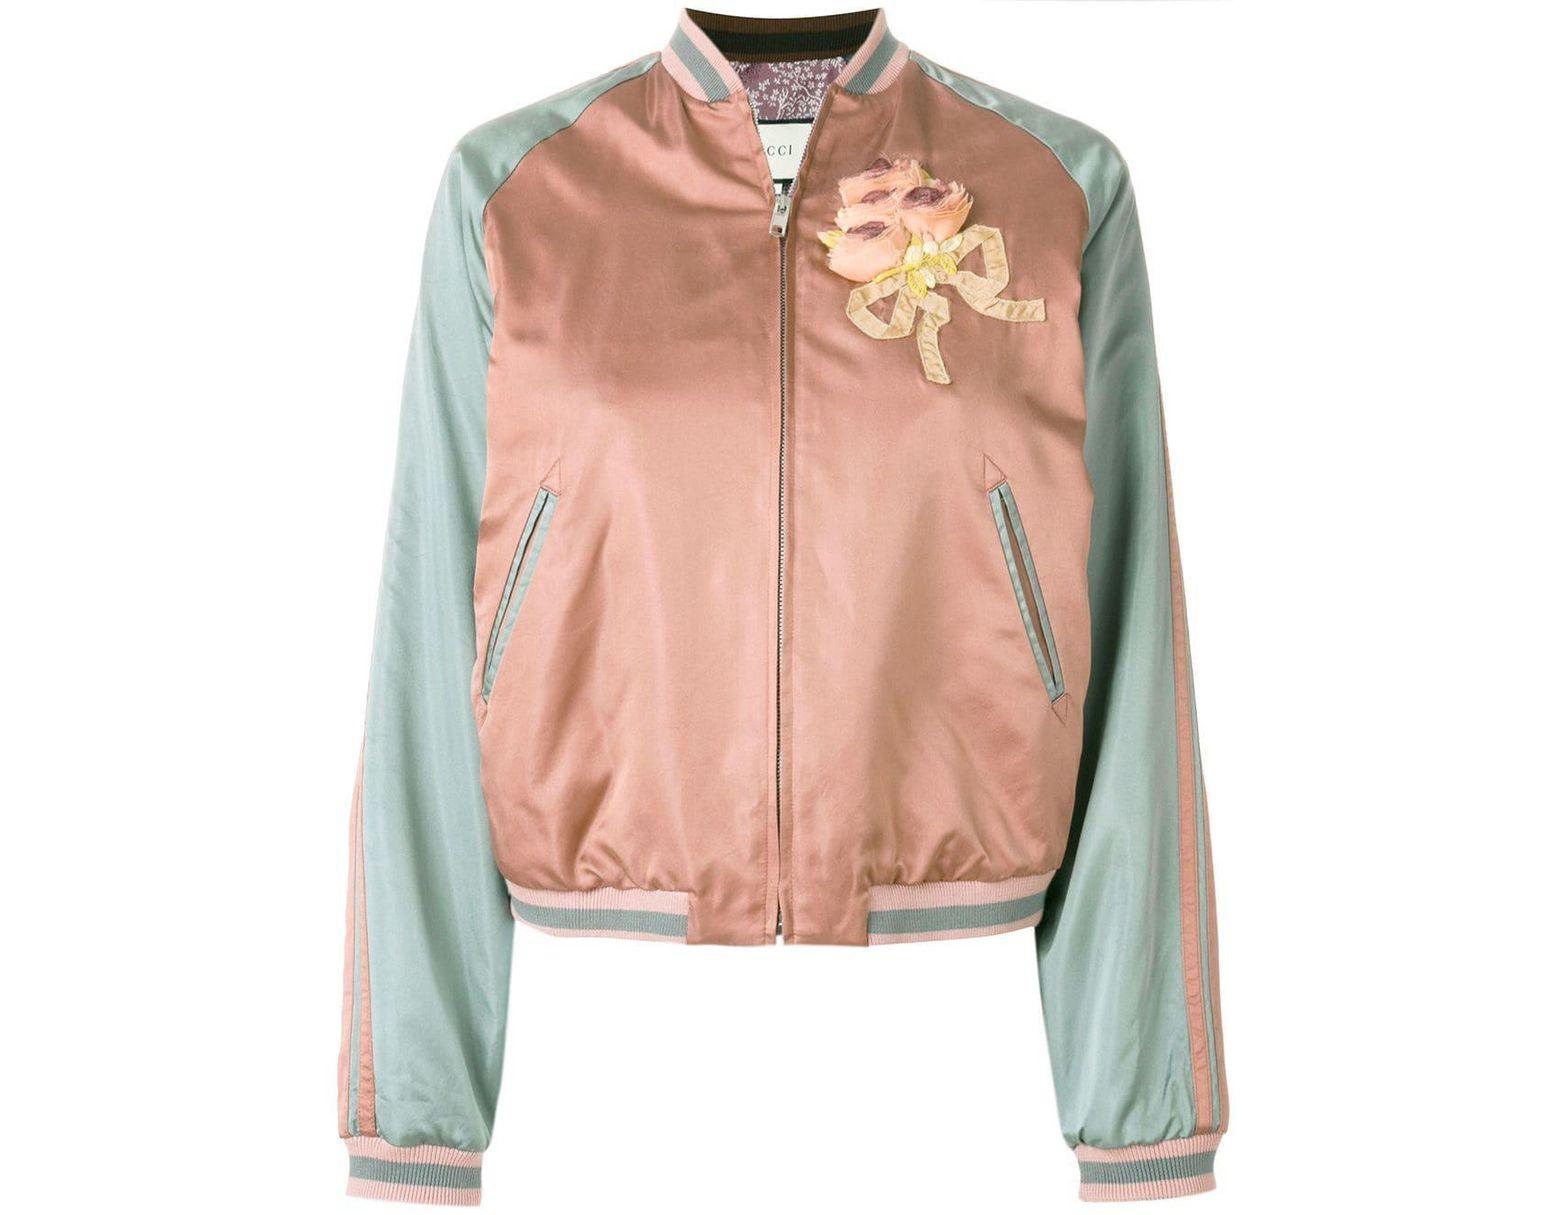 f879c94d2 Women's Pink Sequin Embellished Bomber Jacket